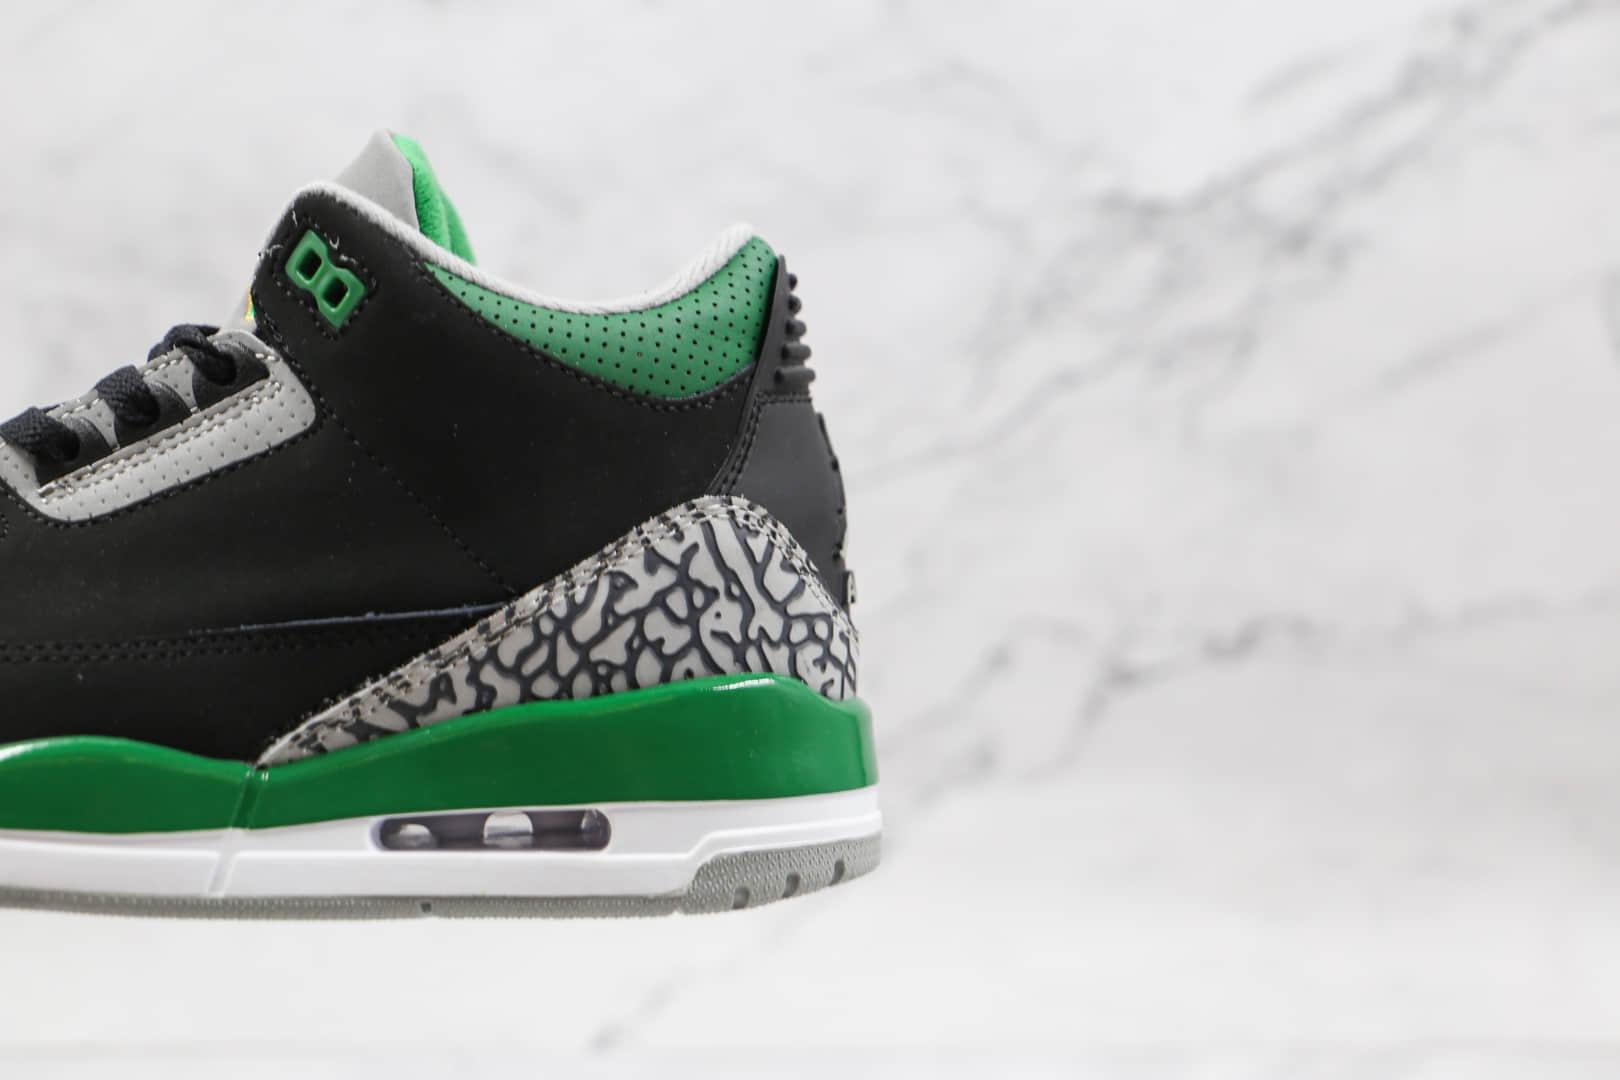 乔丹Air Jordan 3 Pine Green纯原版本高仿AJ3爆裂纹黑绿篮球鞋原档案数据开发 货号:CT8532-030